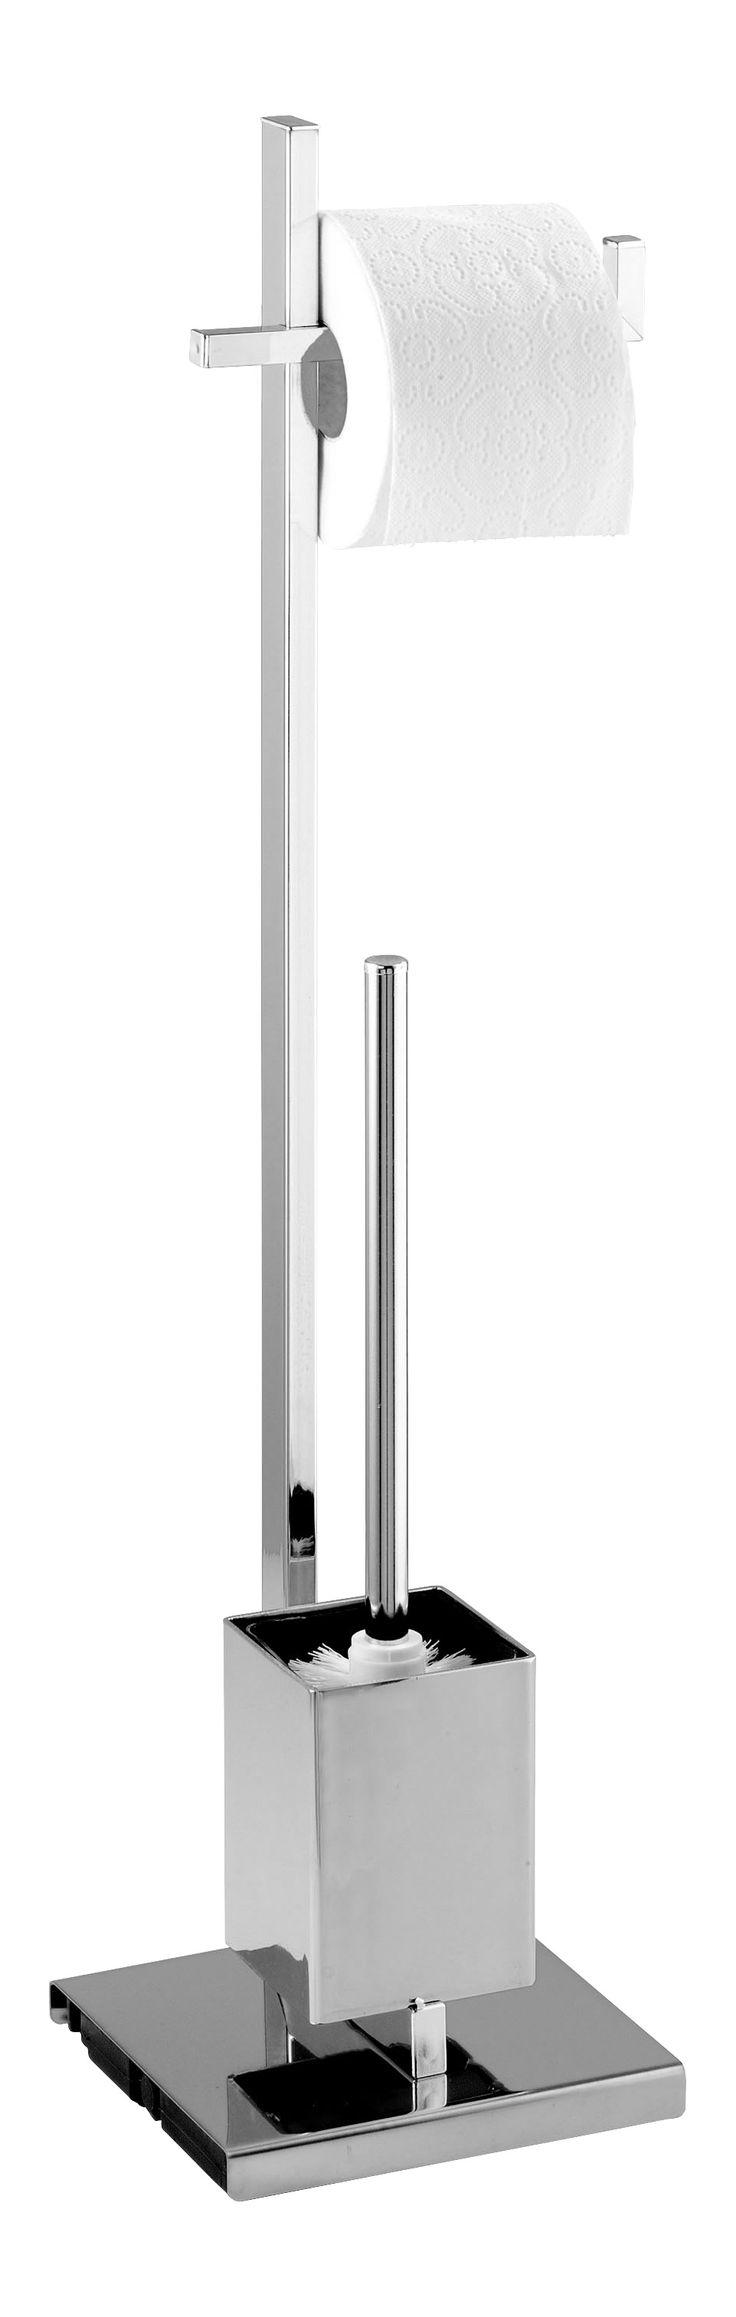 WENKO Stand WC Garnitur Quadro Description: Die Design Serie Quadro  Verleiht Dem Badezimmer